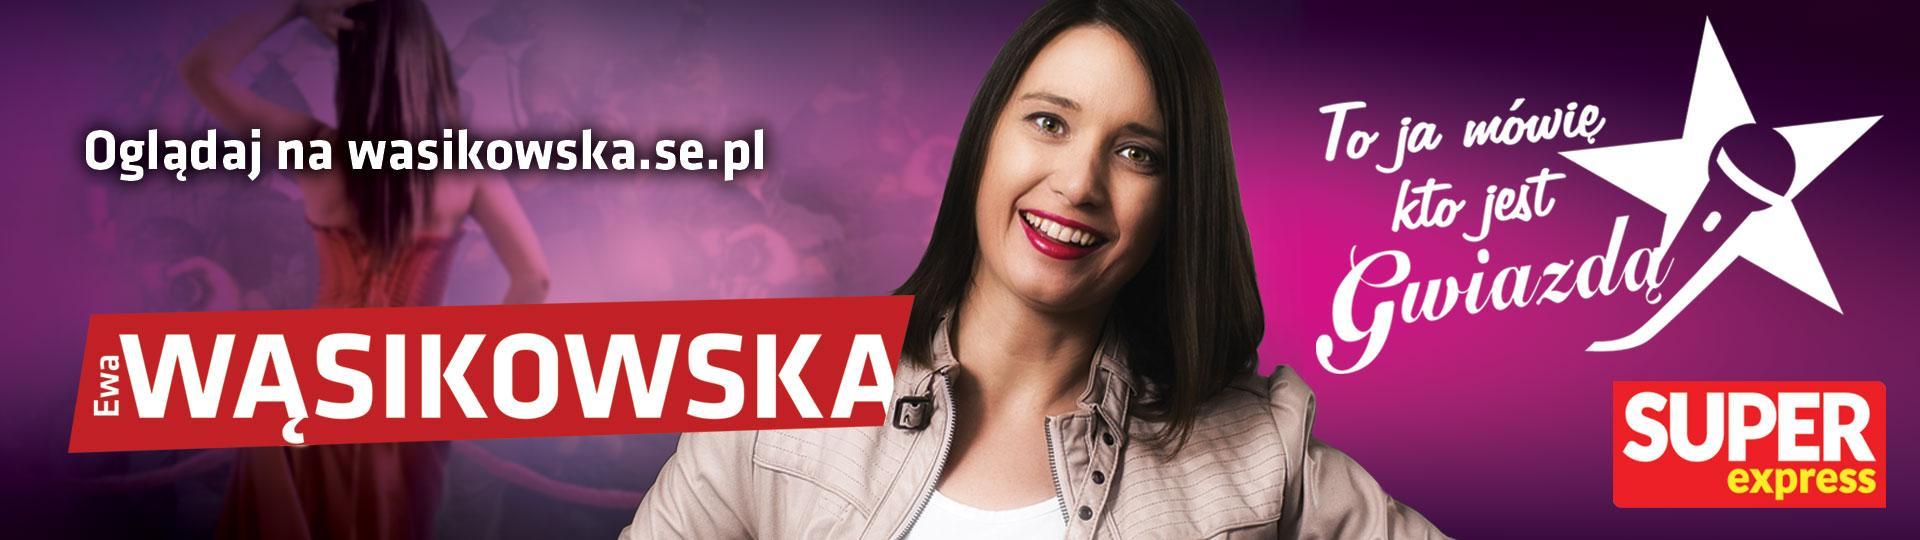 Vlog Ewy Wąsikowskiej